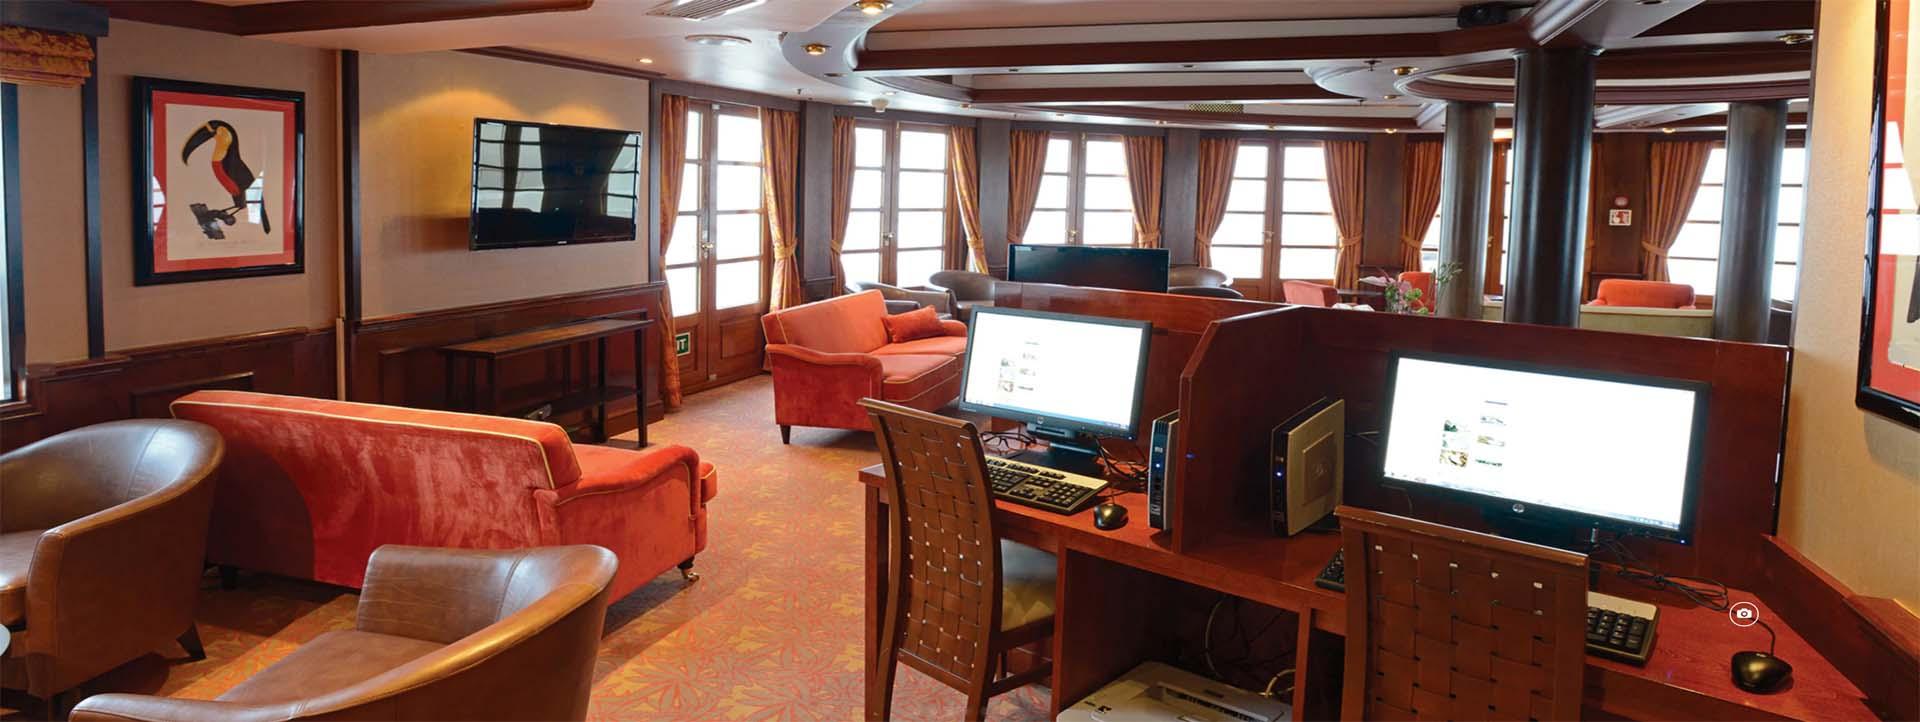 CALEDONIAN SKY computer lounge